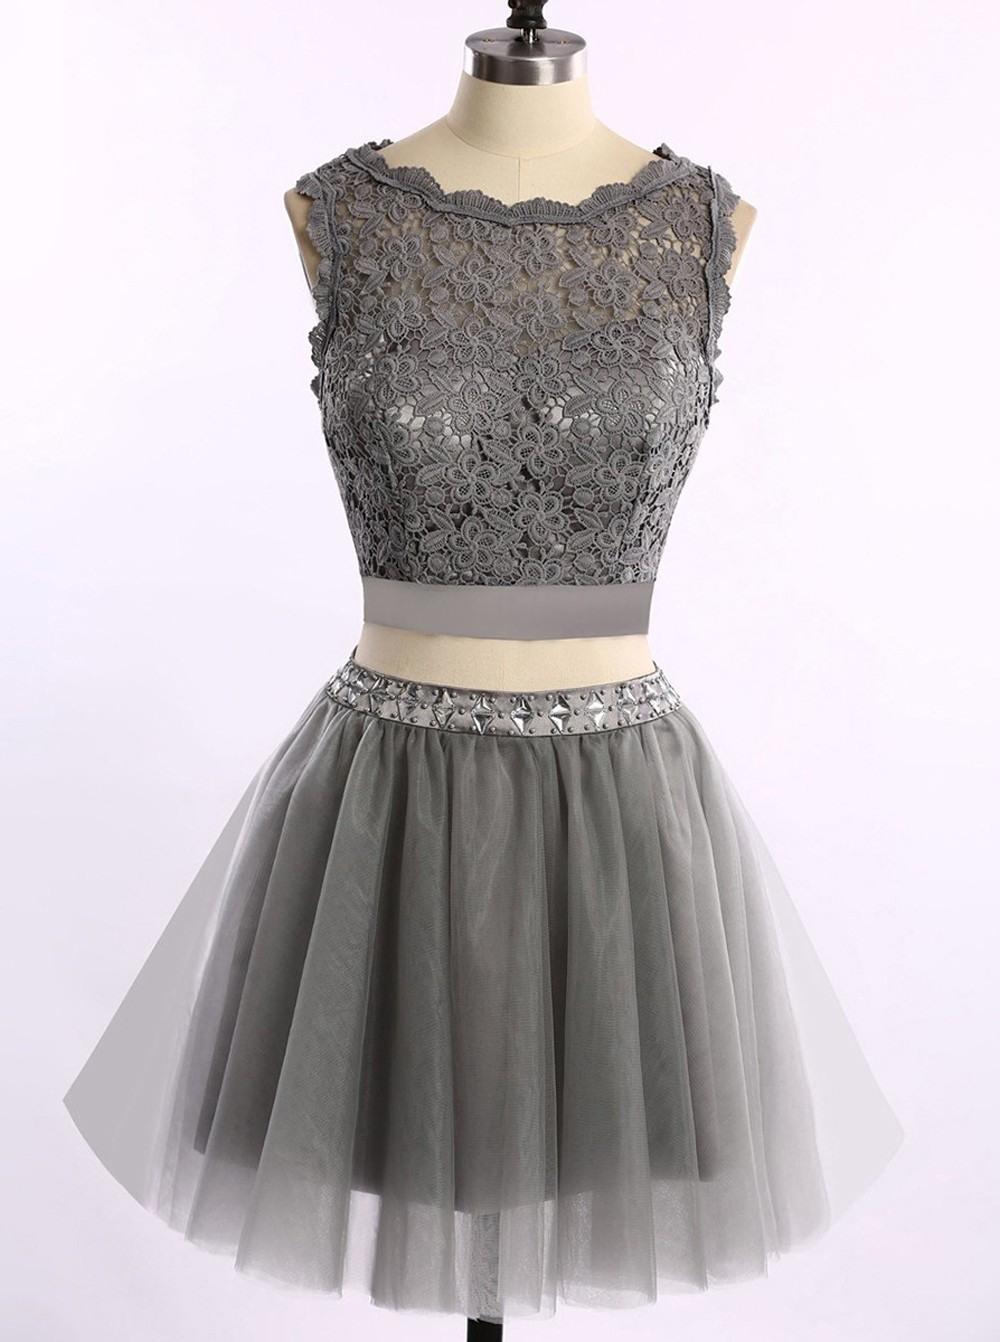 17 Elegant Zweiteiliges Kleid Kurz Vertrieb15 Coolste Zweiteiliges Kleid Kurz Vertrieb